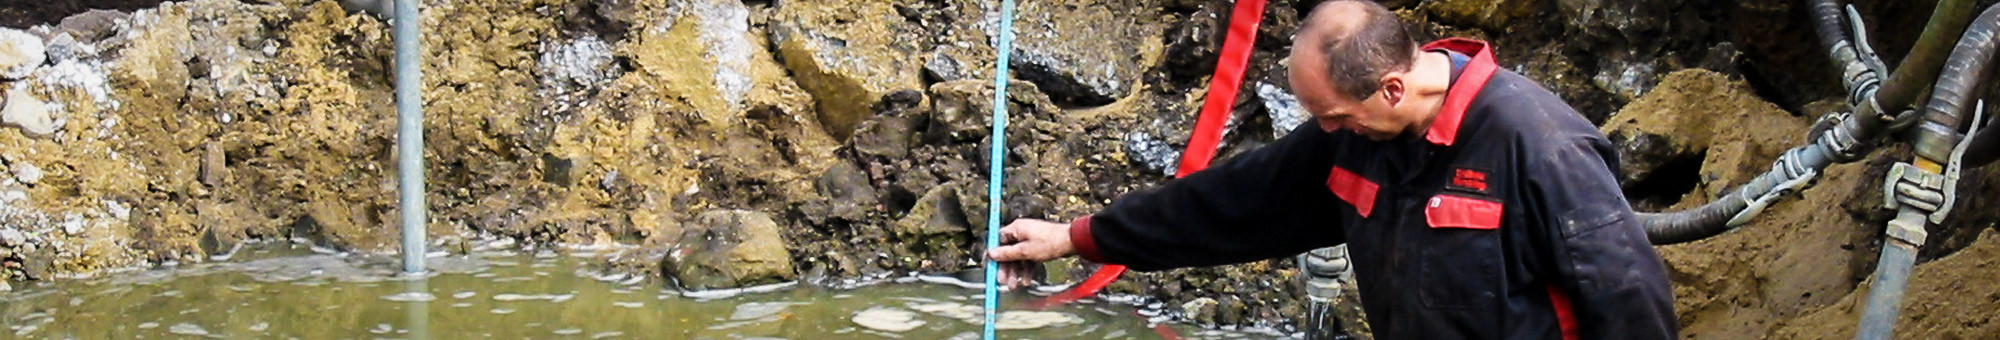 Entwässerung bei Rensing Erdbau Gmbh & Co KG